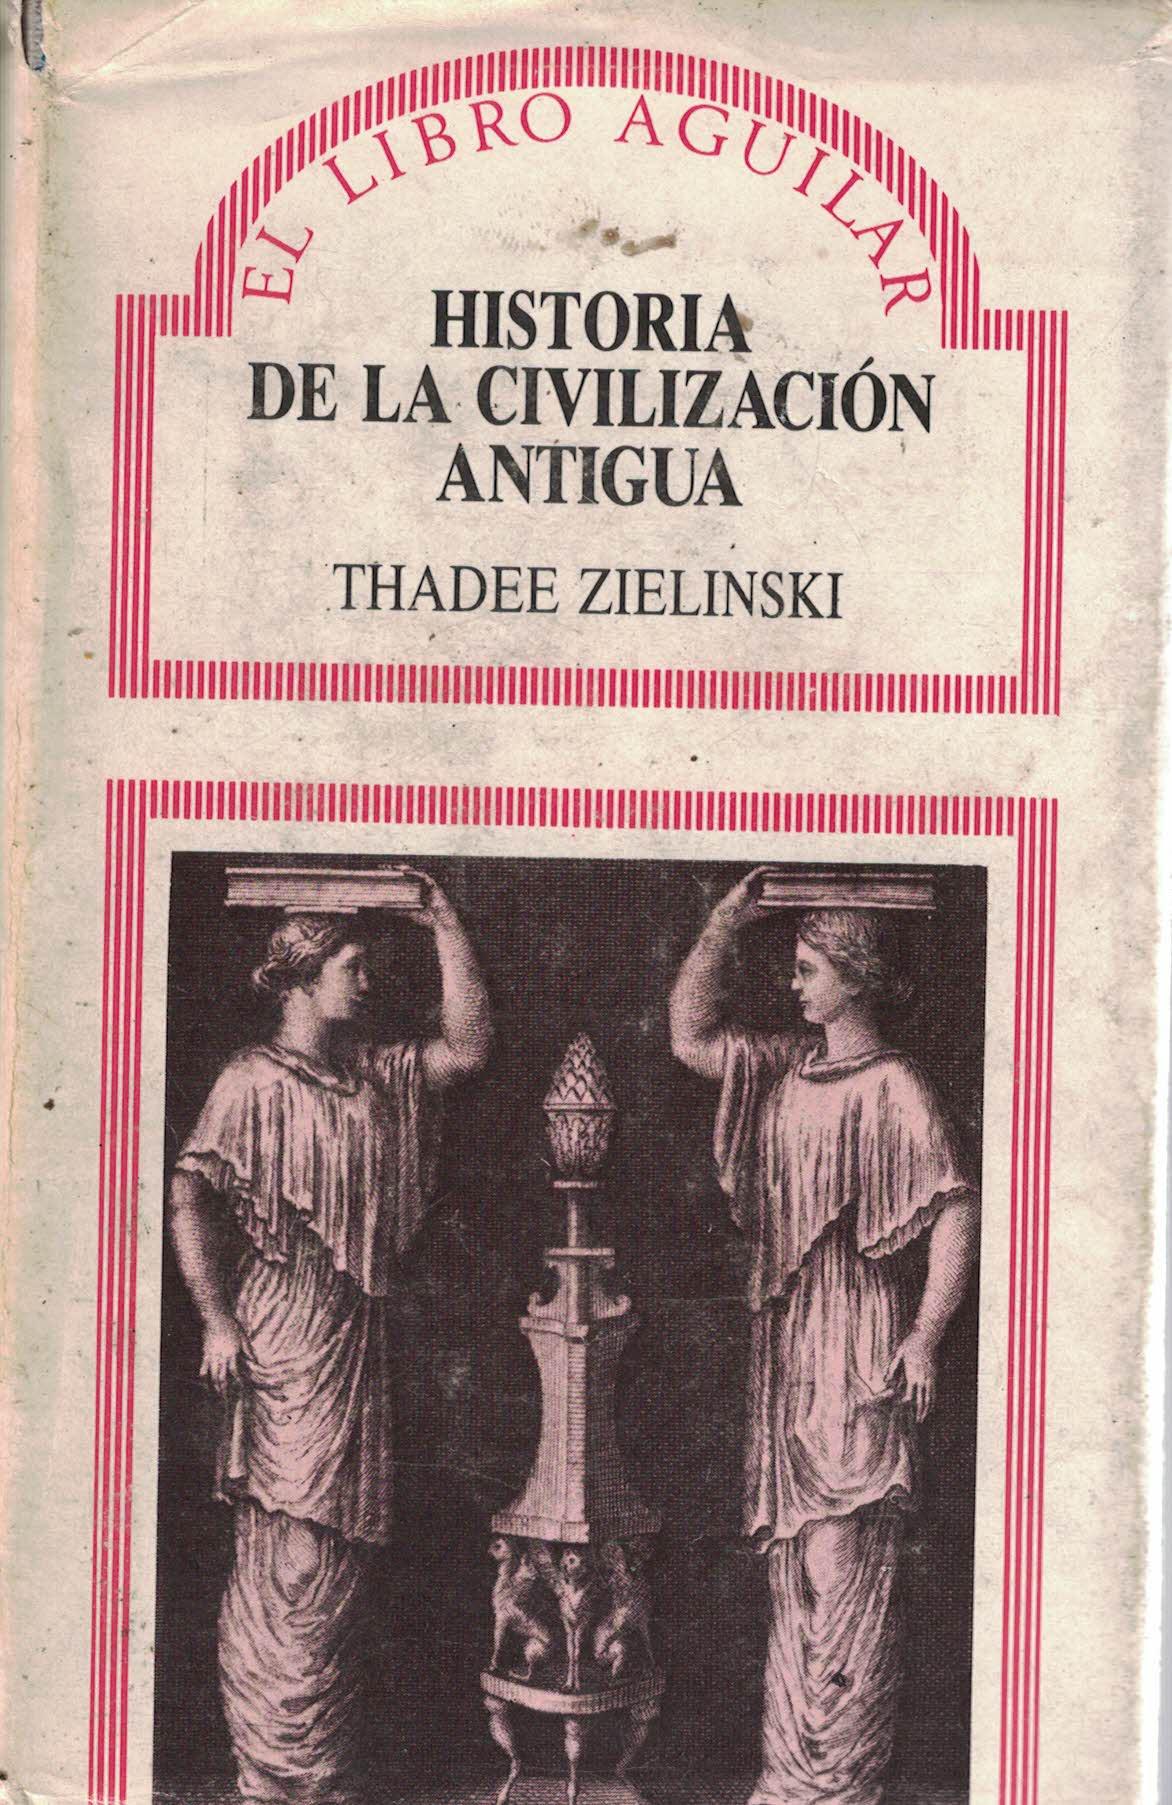 Historia de la civilización antigua